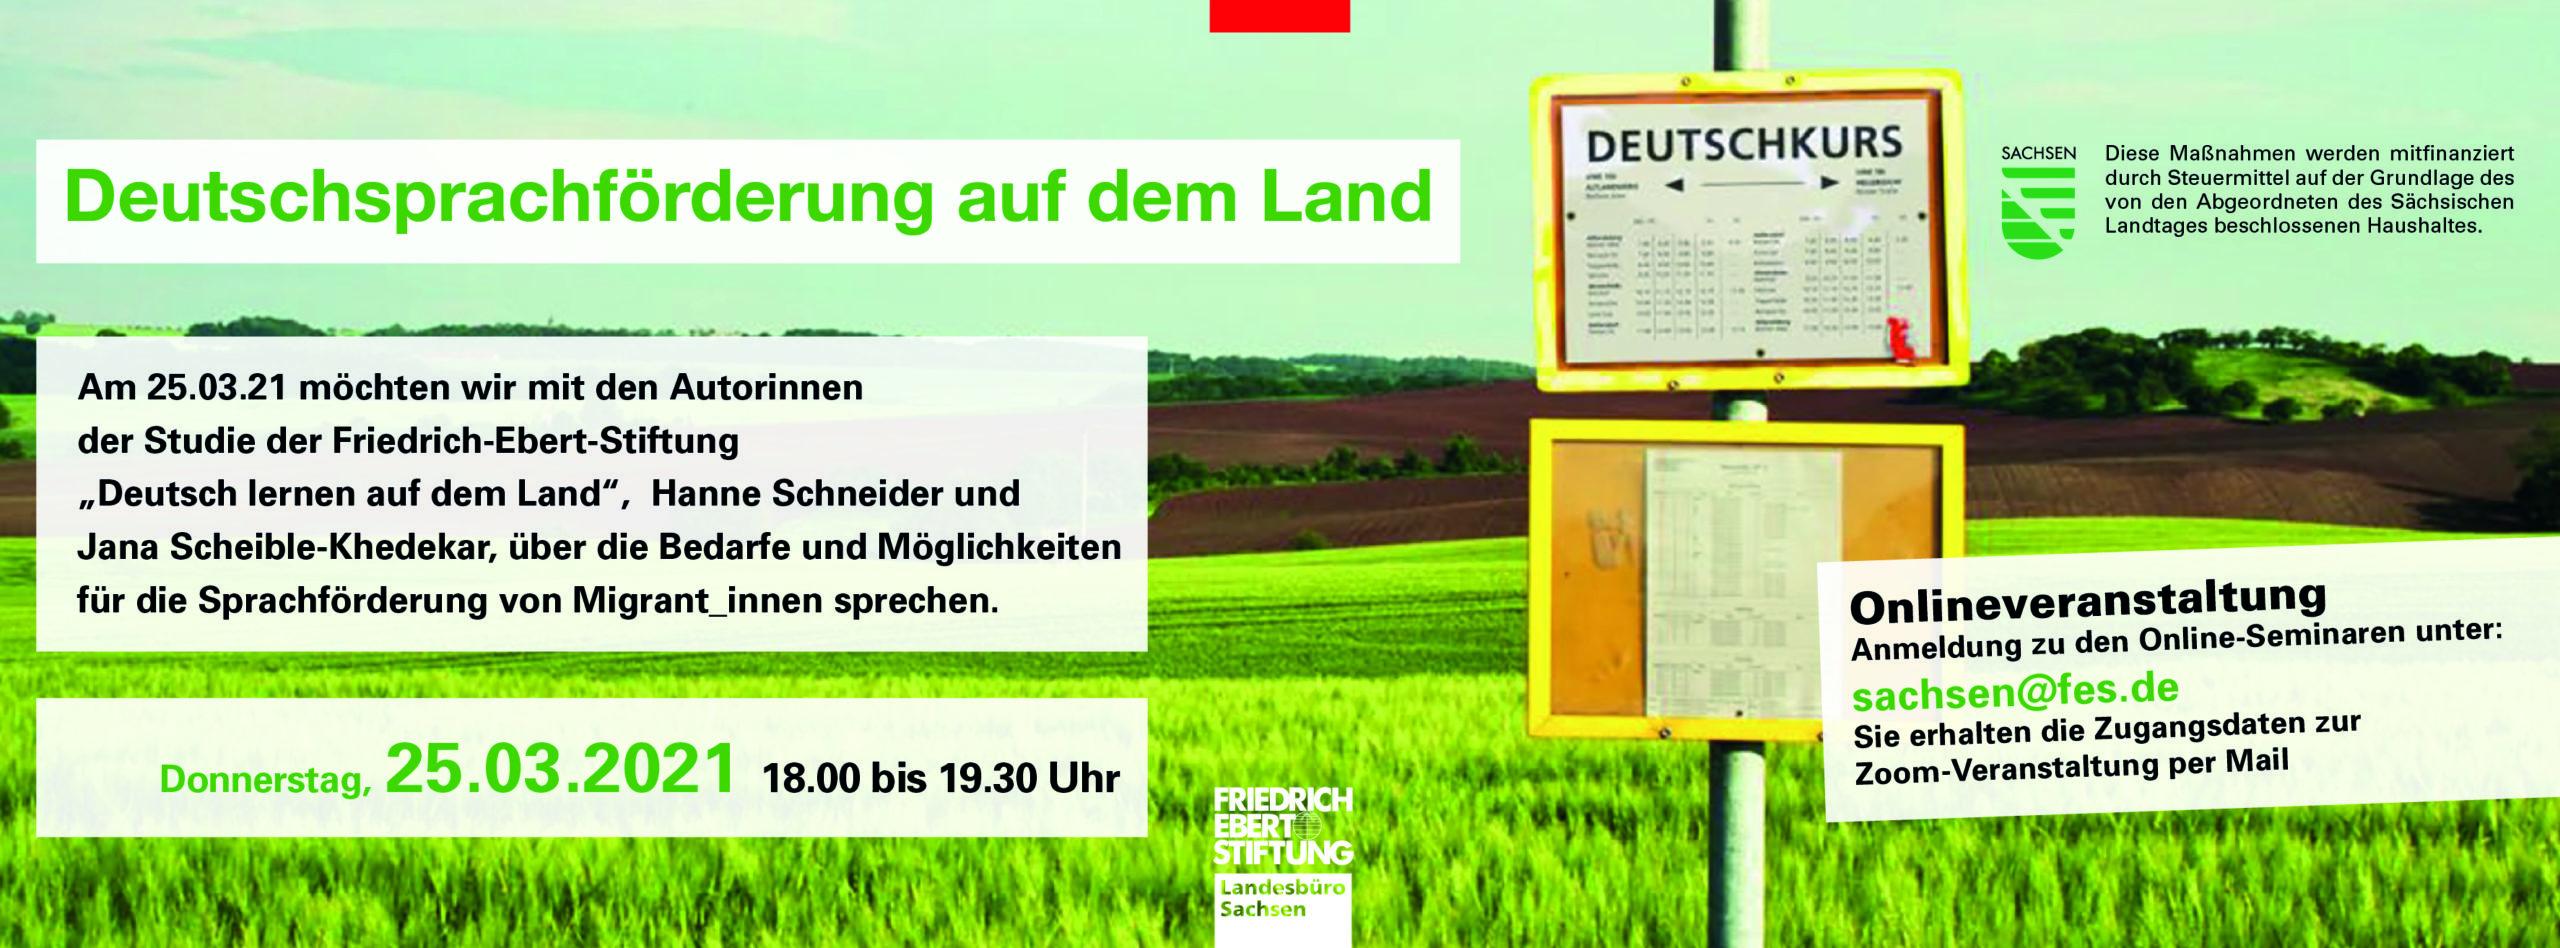 Deutschsprachförderung auf dem Land